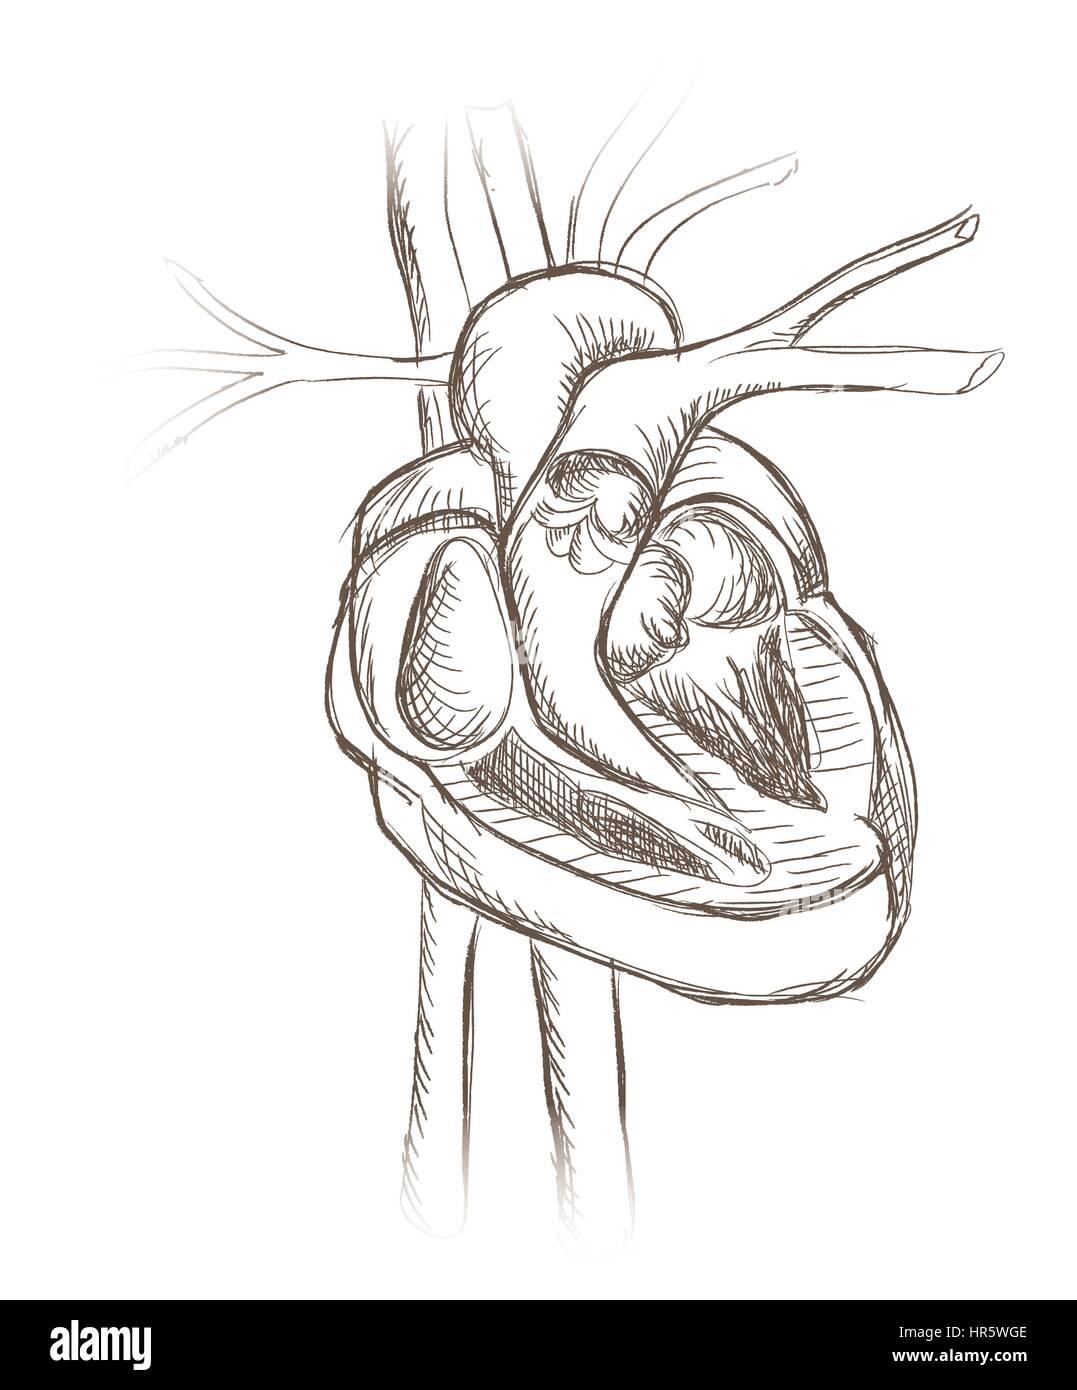 Erfreut Kadaver Herzanatomie Ideen - Menschliche Anatomie Bilder ...